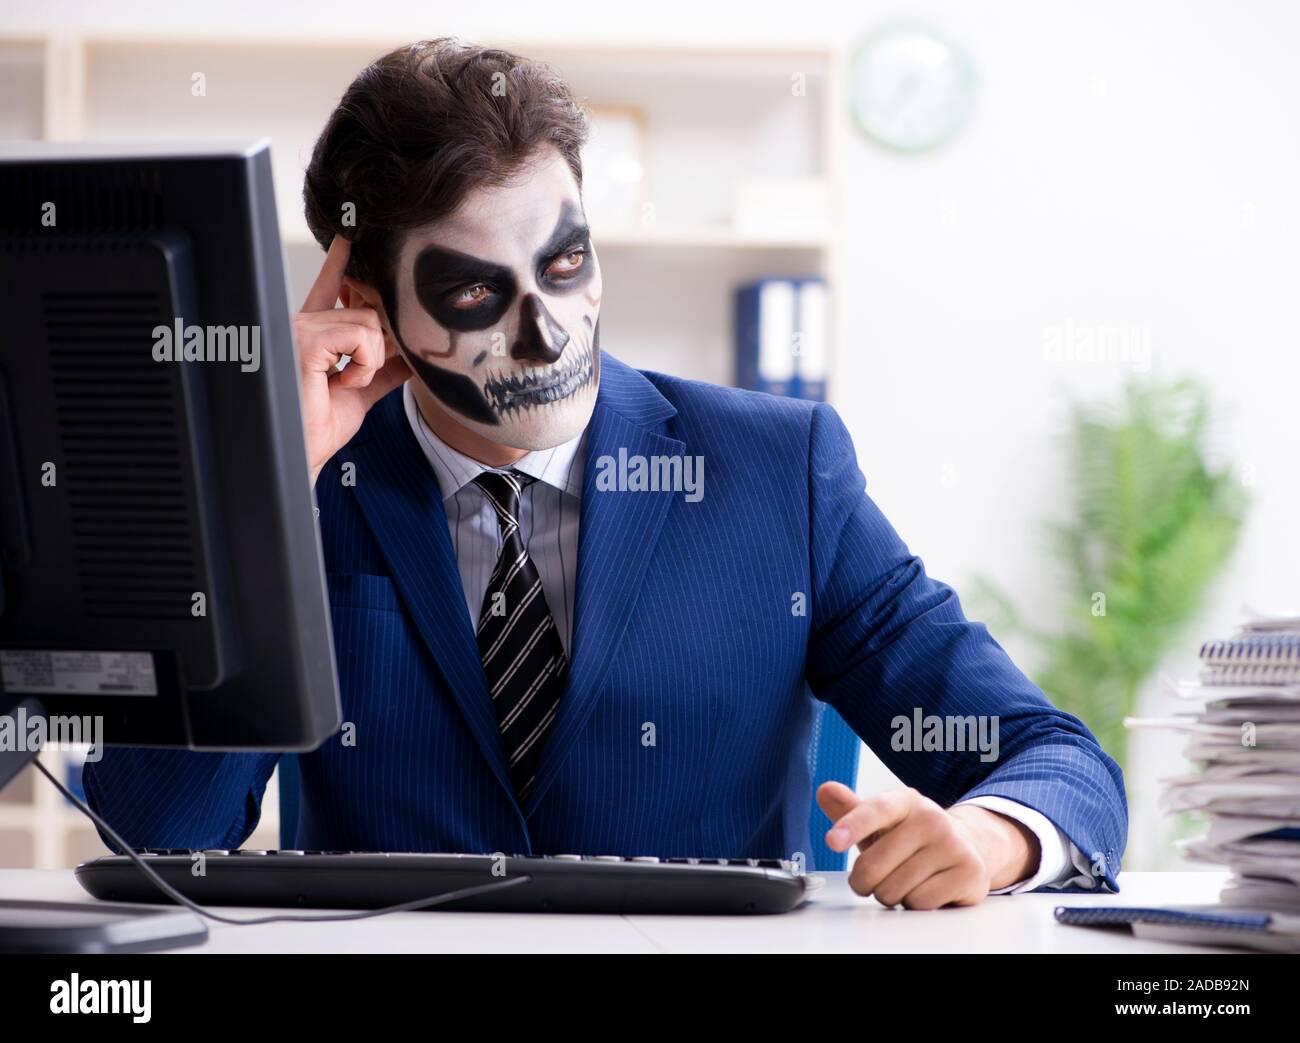 maschera facciale lavoro